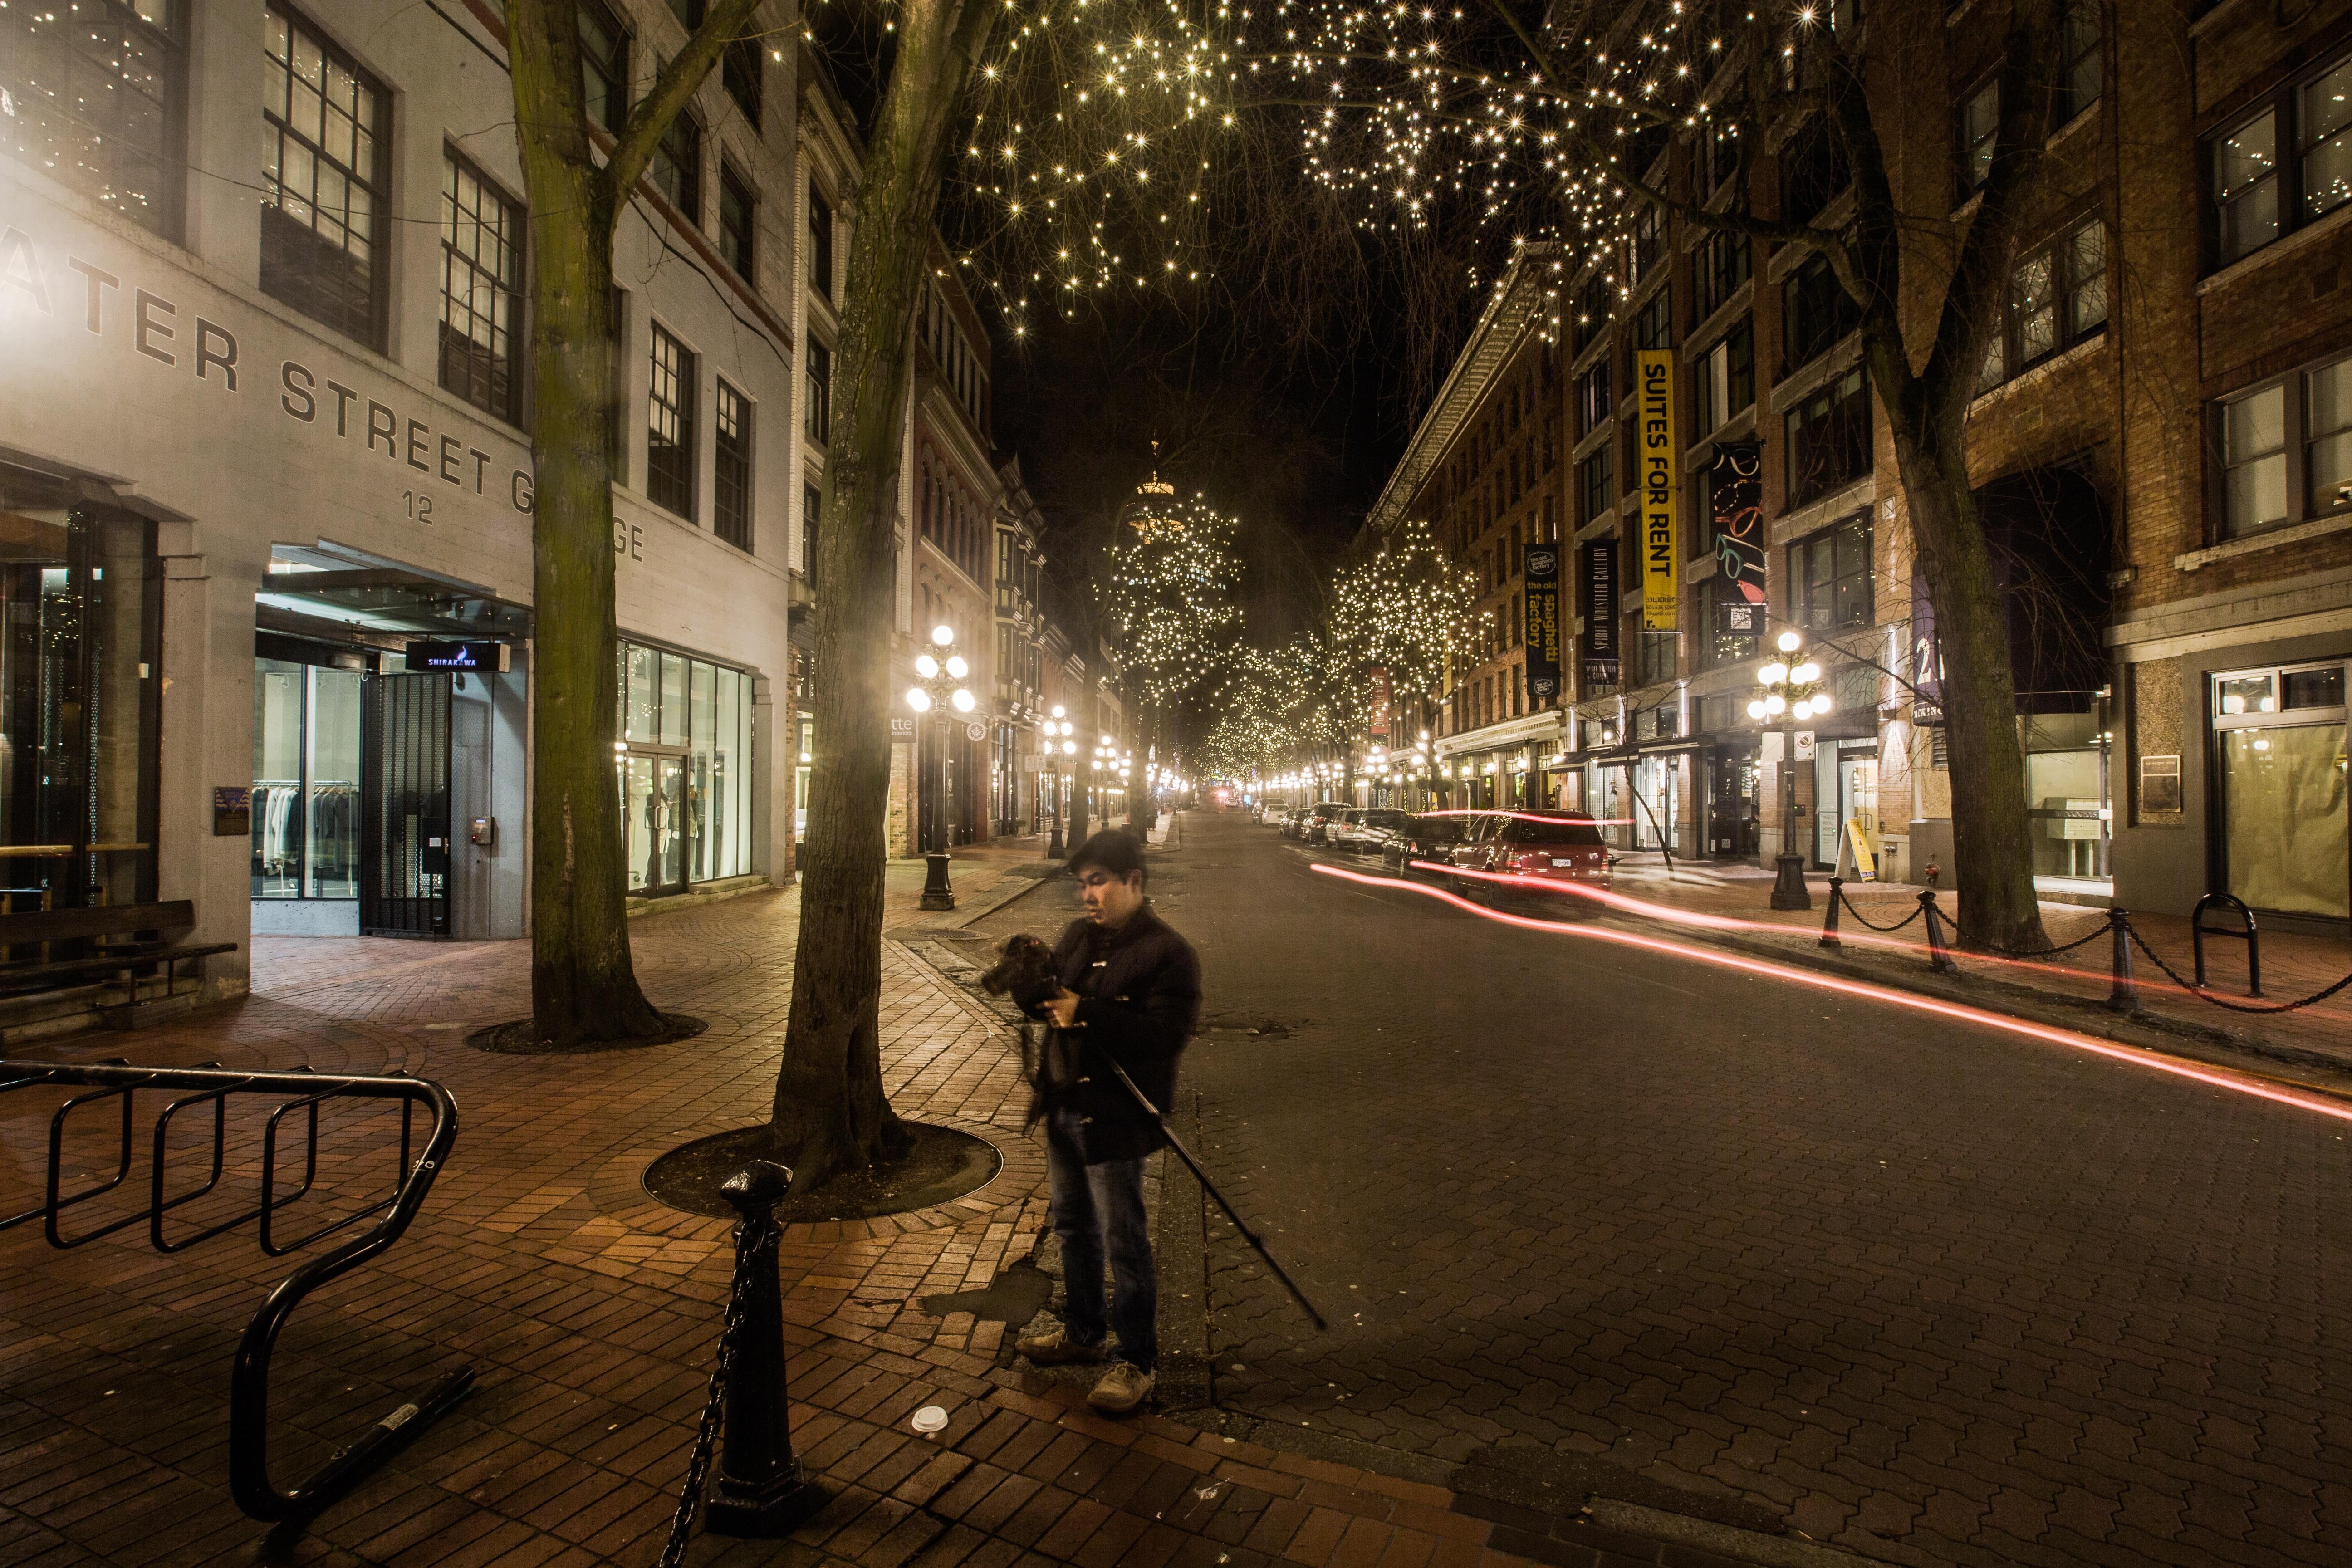 для вас фотографии ночной улицы боевых